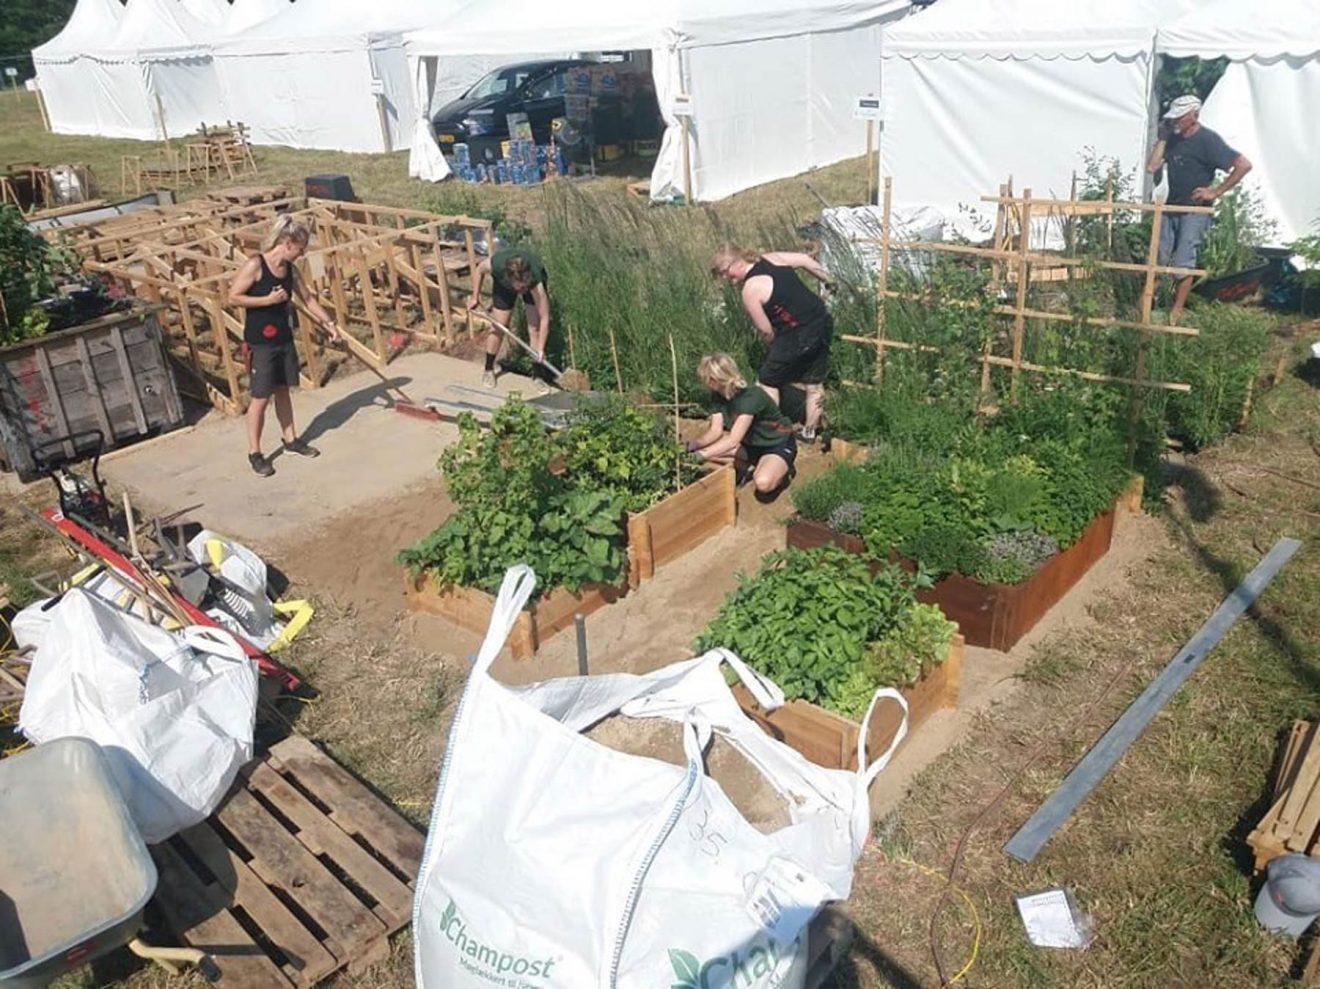 Cph-Garden-anlæg_2019-06-18_1800pxweb